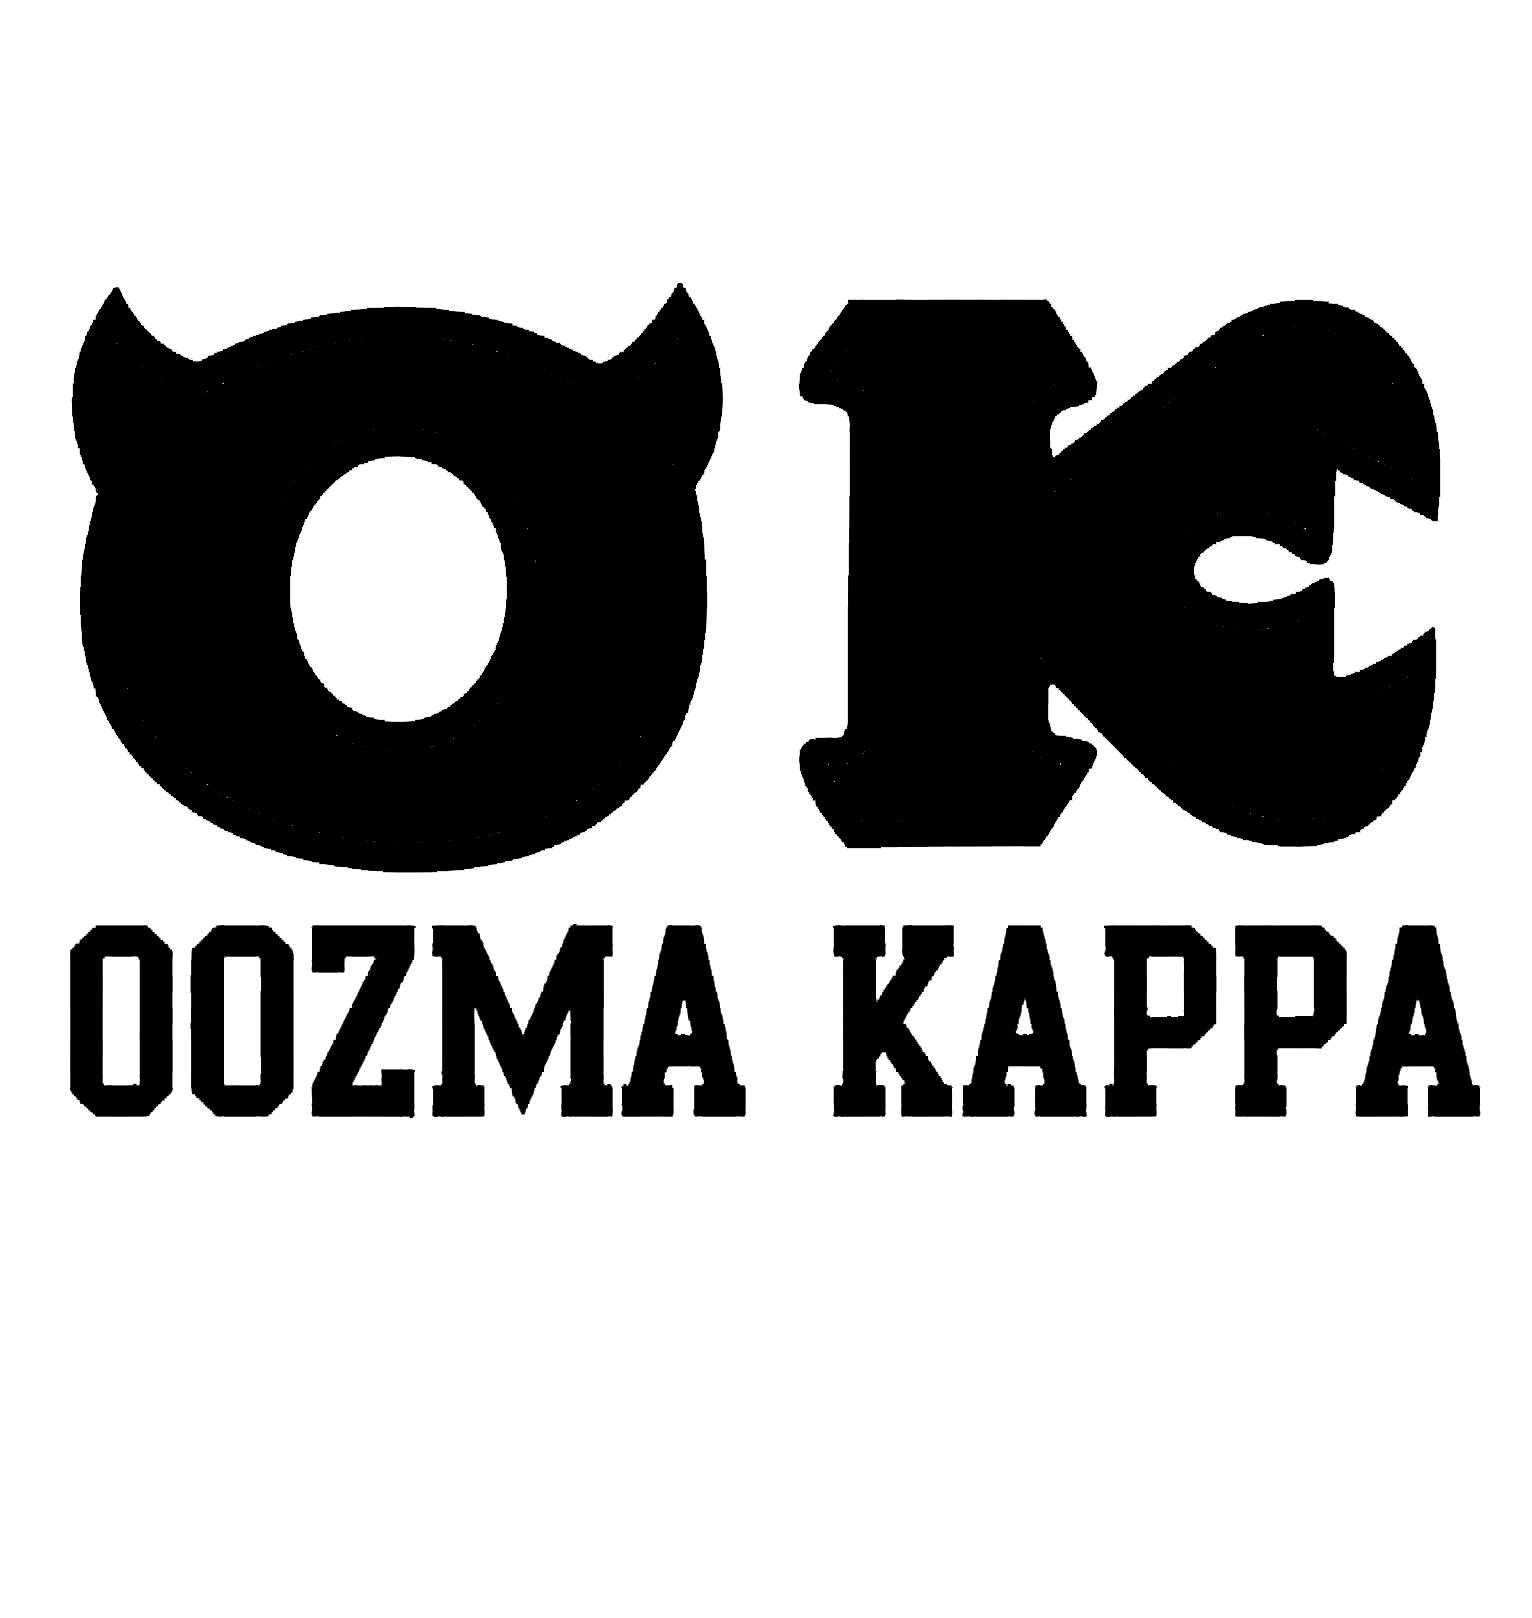 Monsters University Oozma Kappa Die Cut Vinyl Decal Sold By Sadiesvinyl On Storenvy